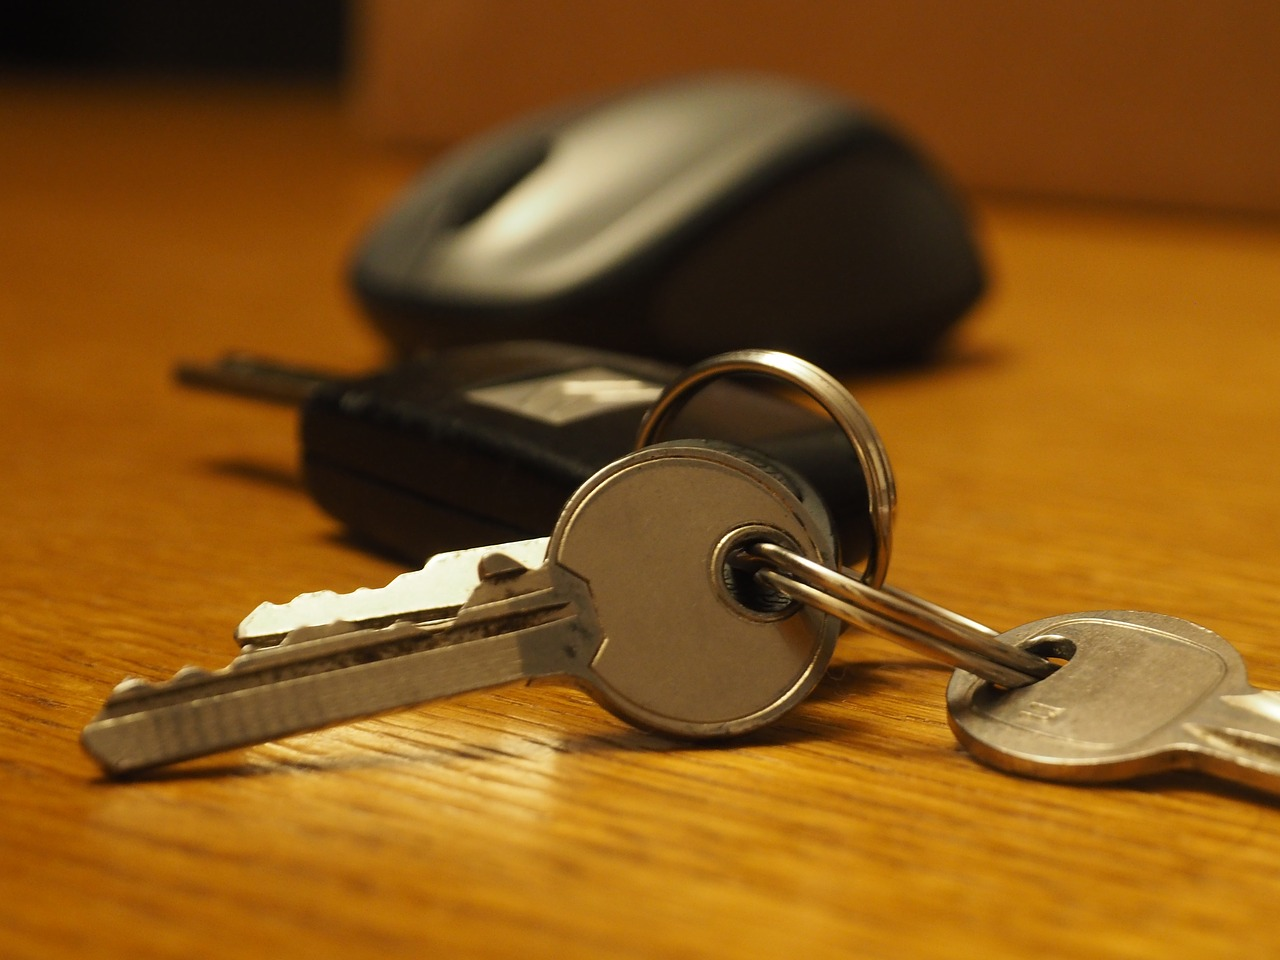 key-3781138_1280